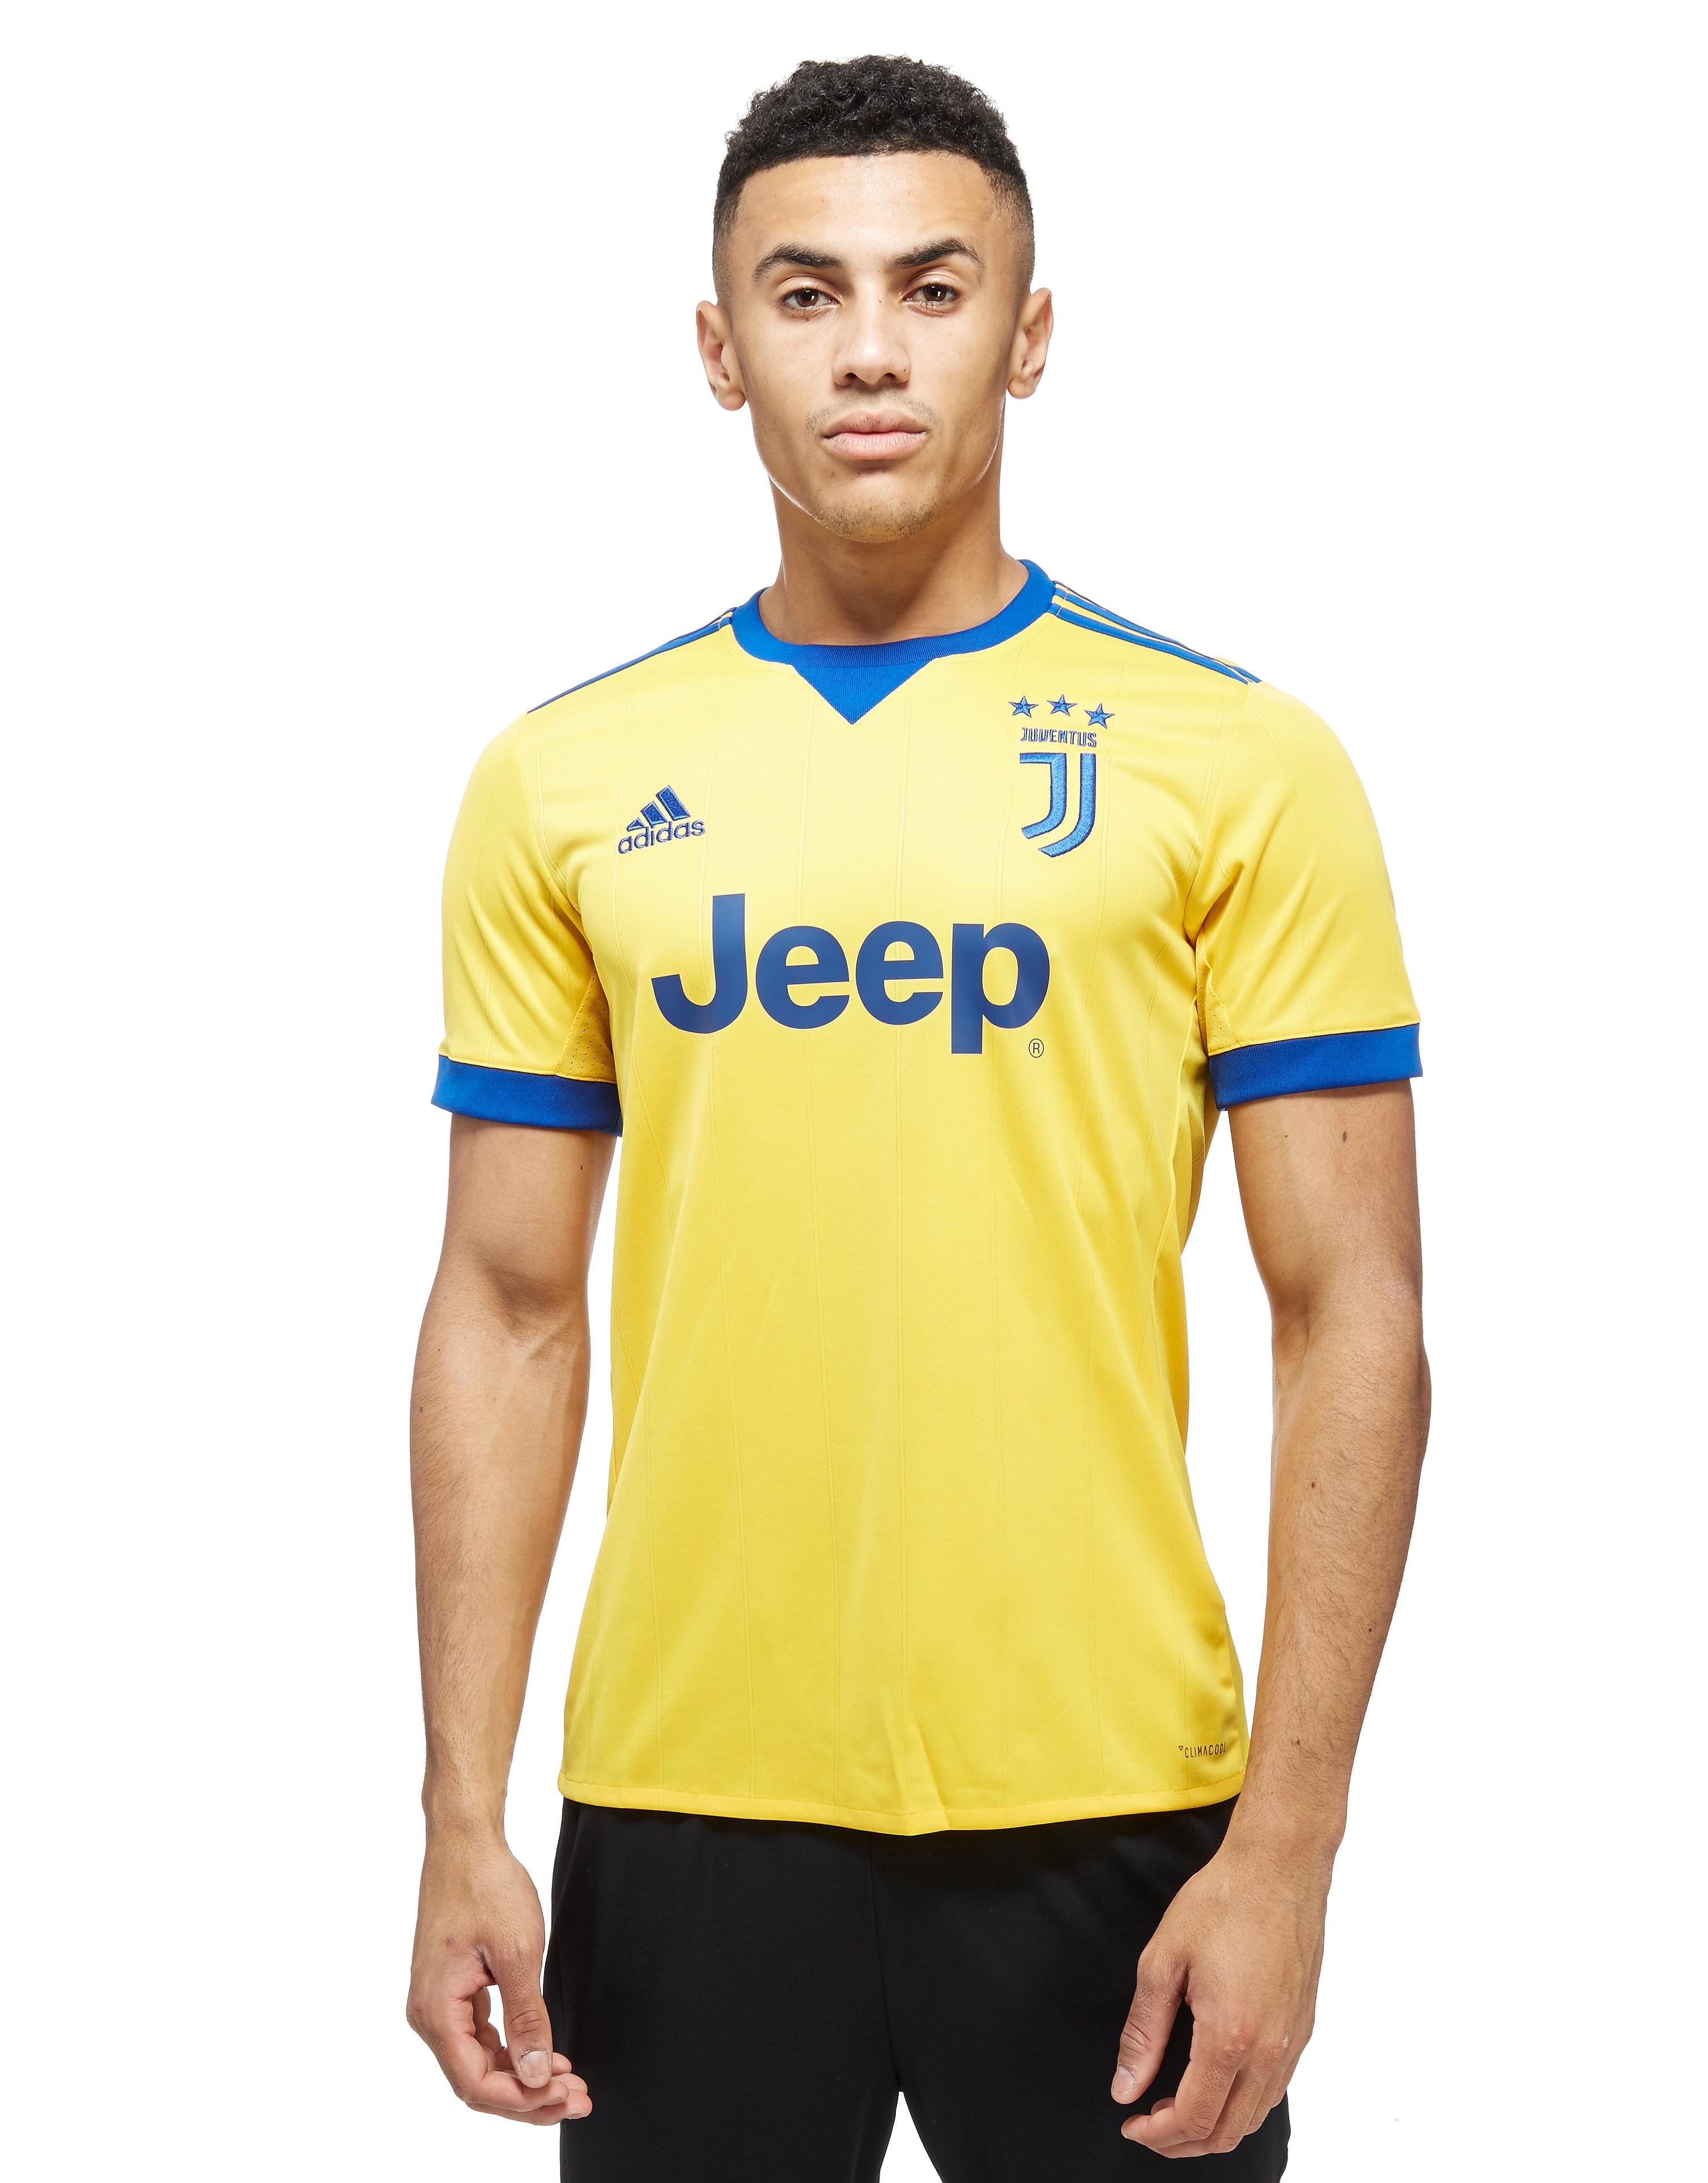 adidas Maillot extérieur Juventus 2017/18